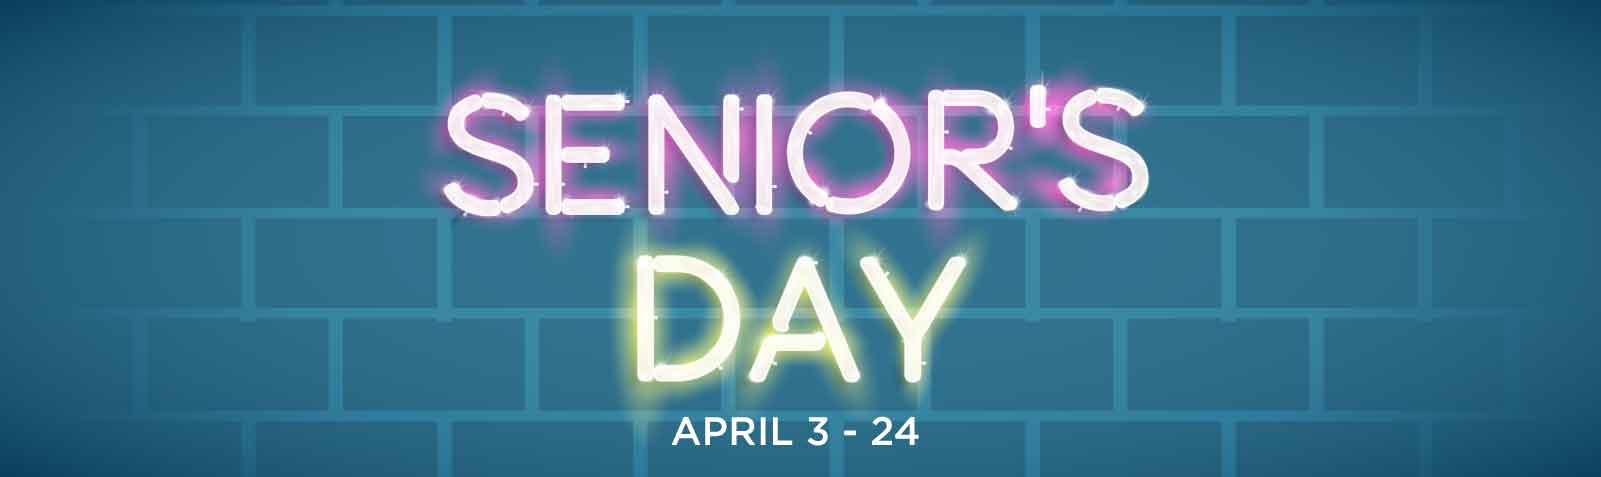 MKT17-124-Seniors-Day-Slider